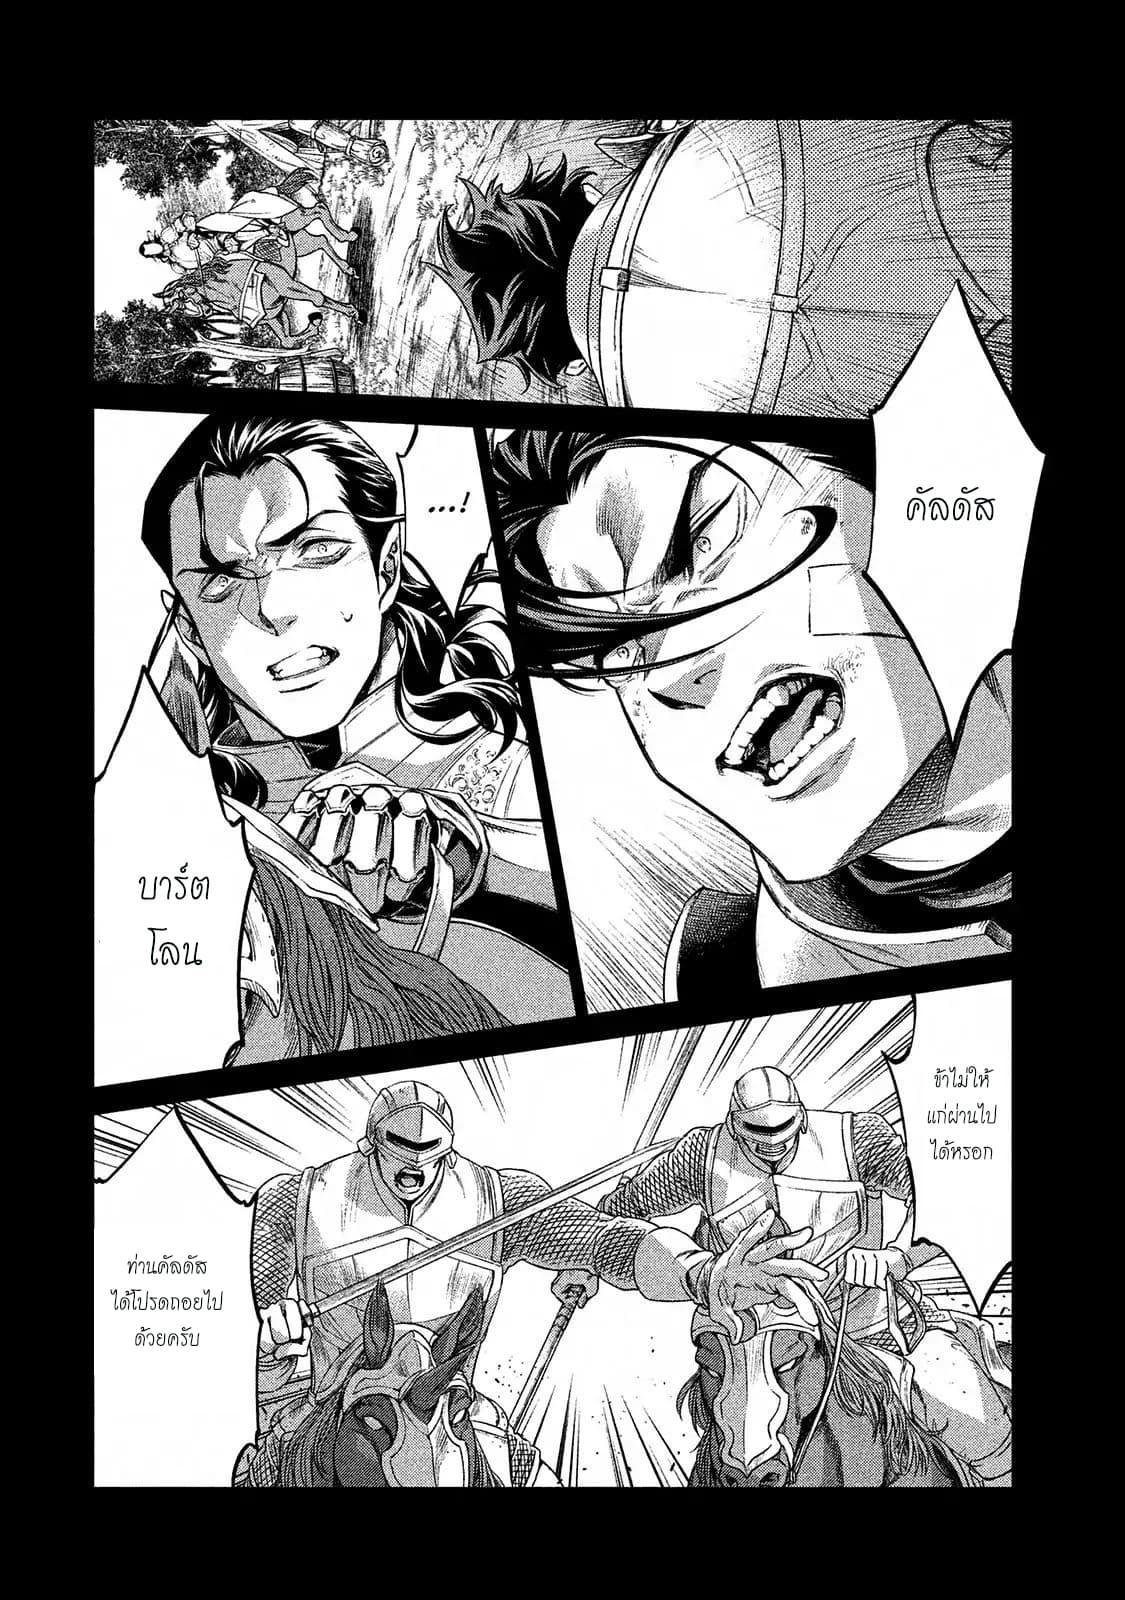 อ่านการ์ตูน Henkyou no Roukishi - Bard Loen ตอนที่ 12 หน้าที่ 18